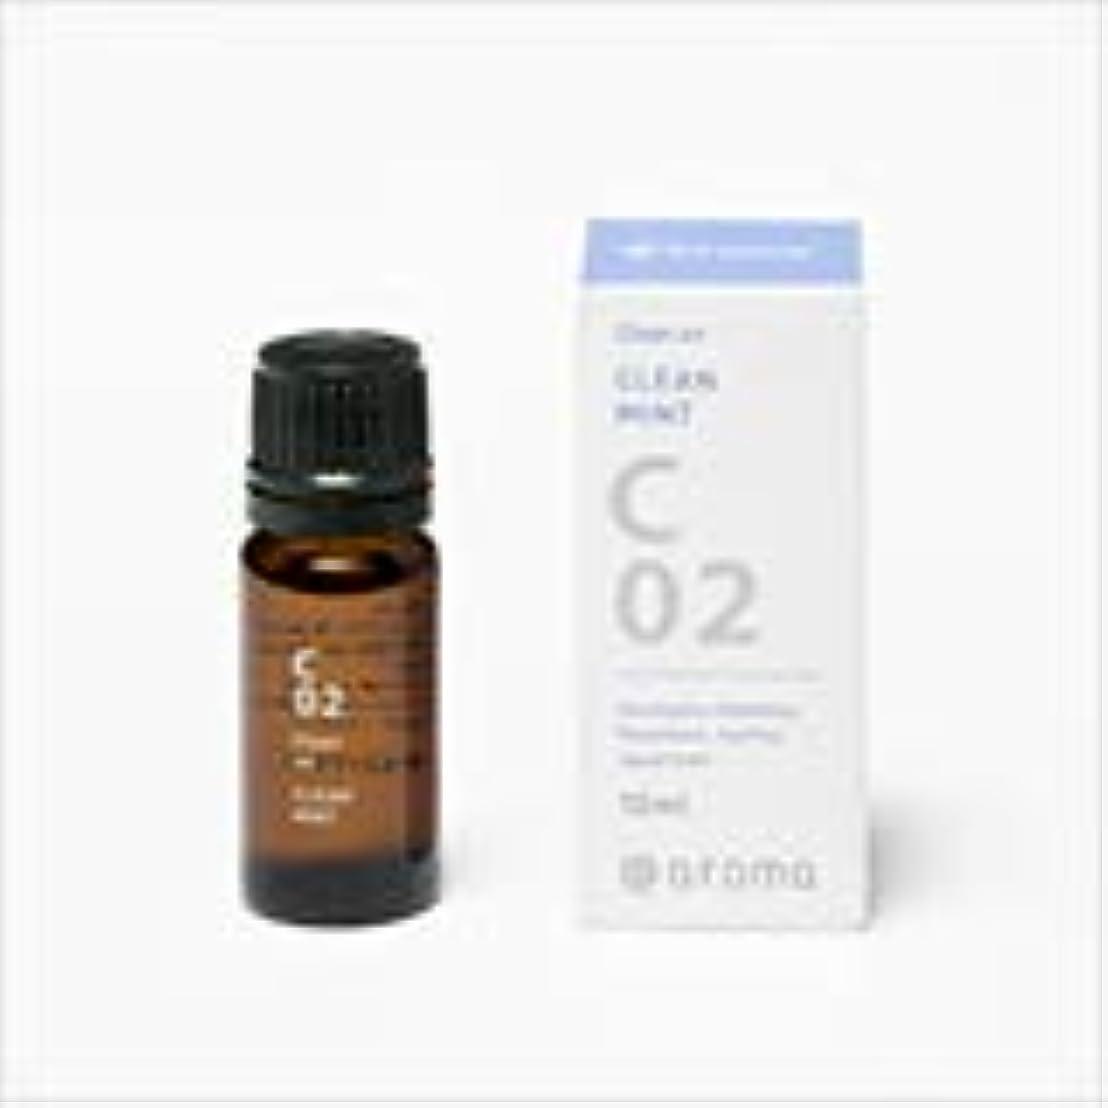 折におい発疹アットアロマ 100%pure essential oil <Clean air ウォームフィール>